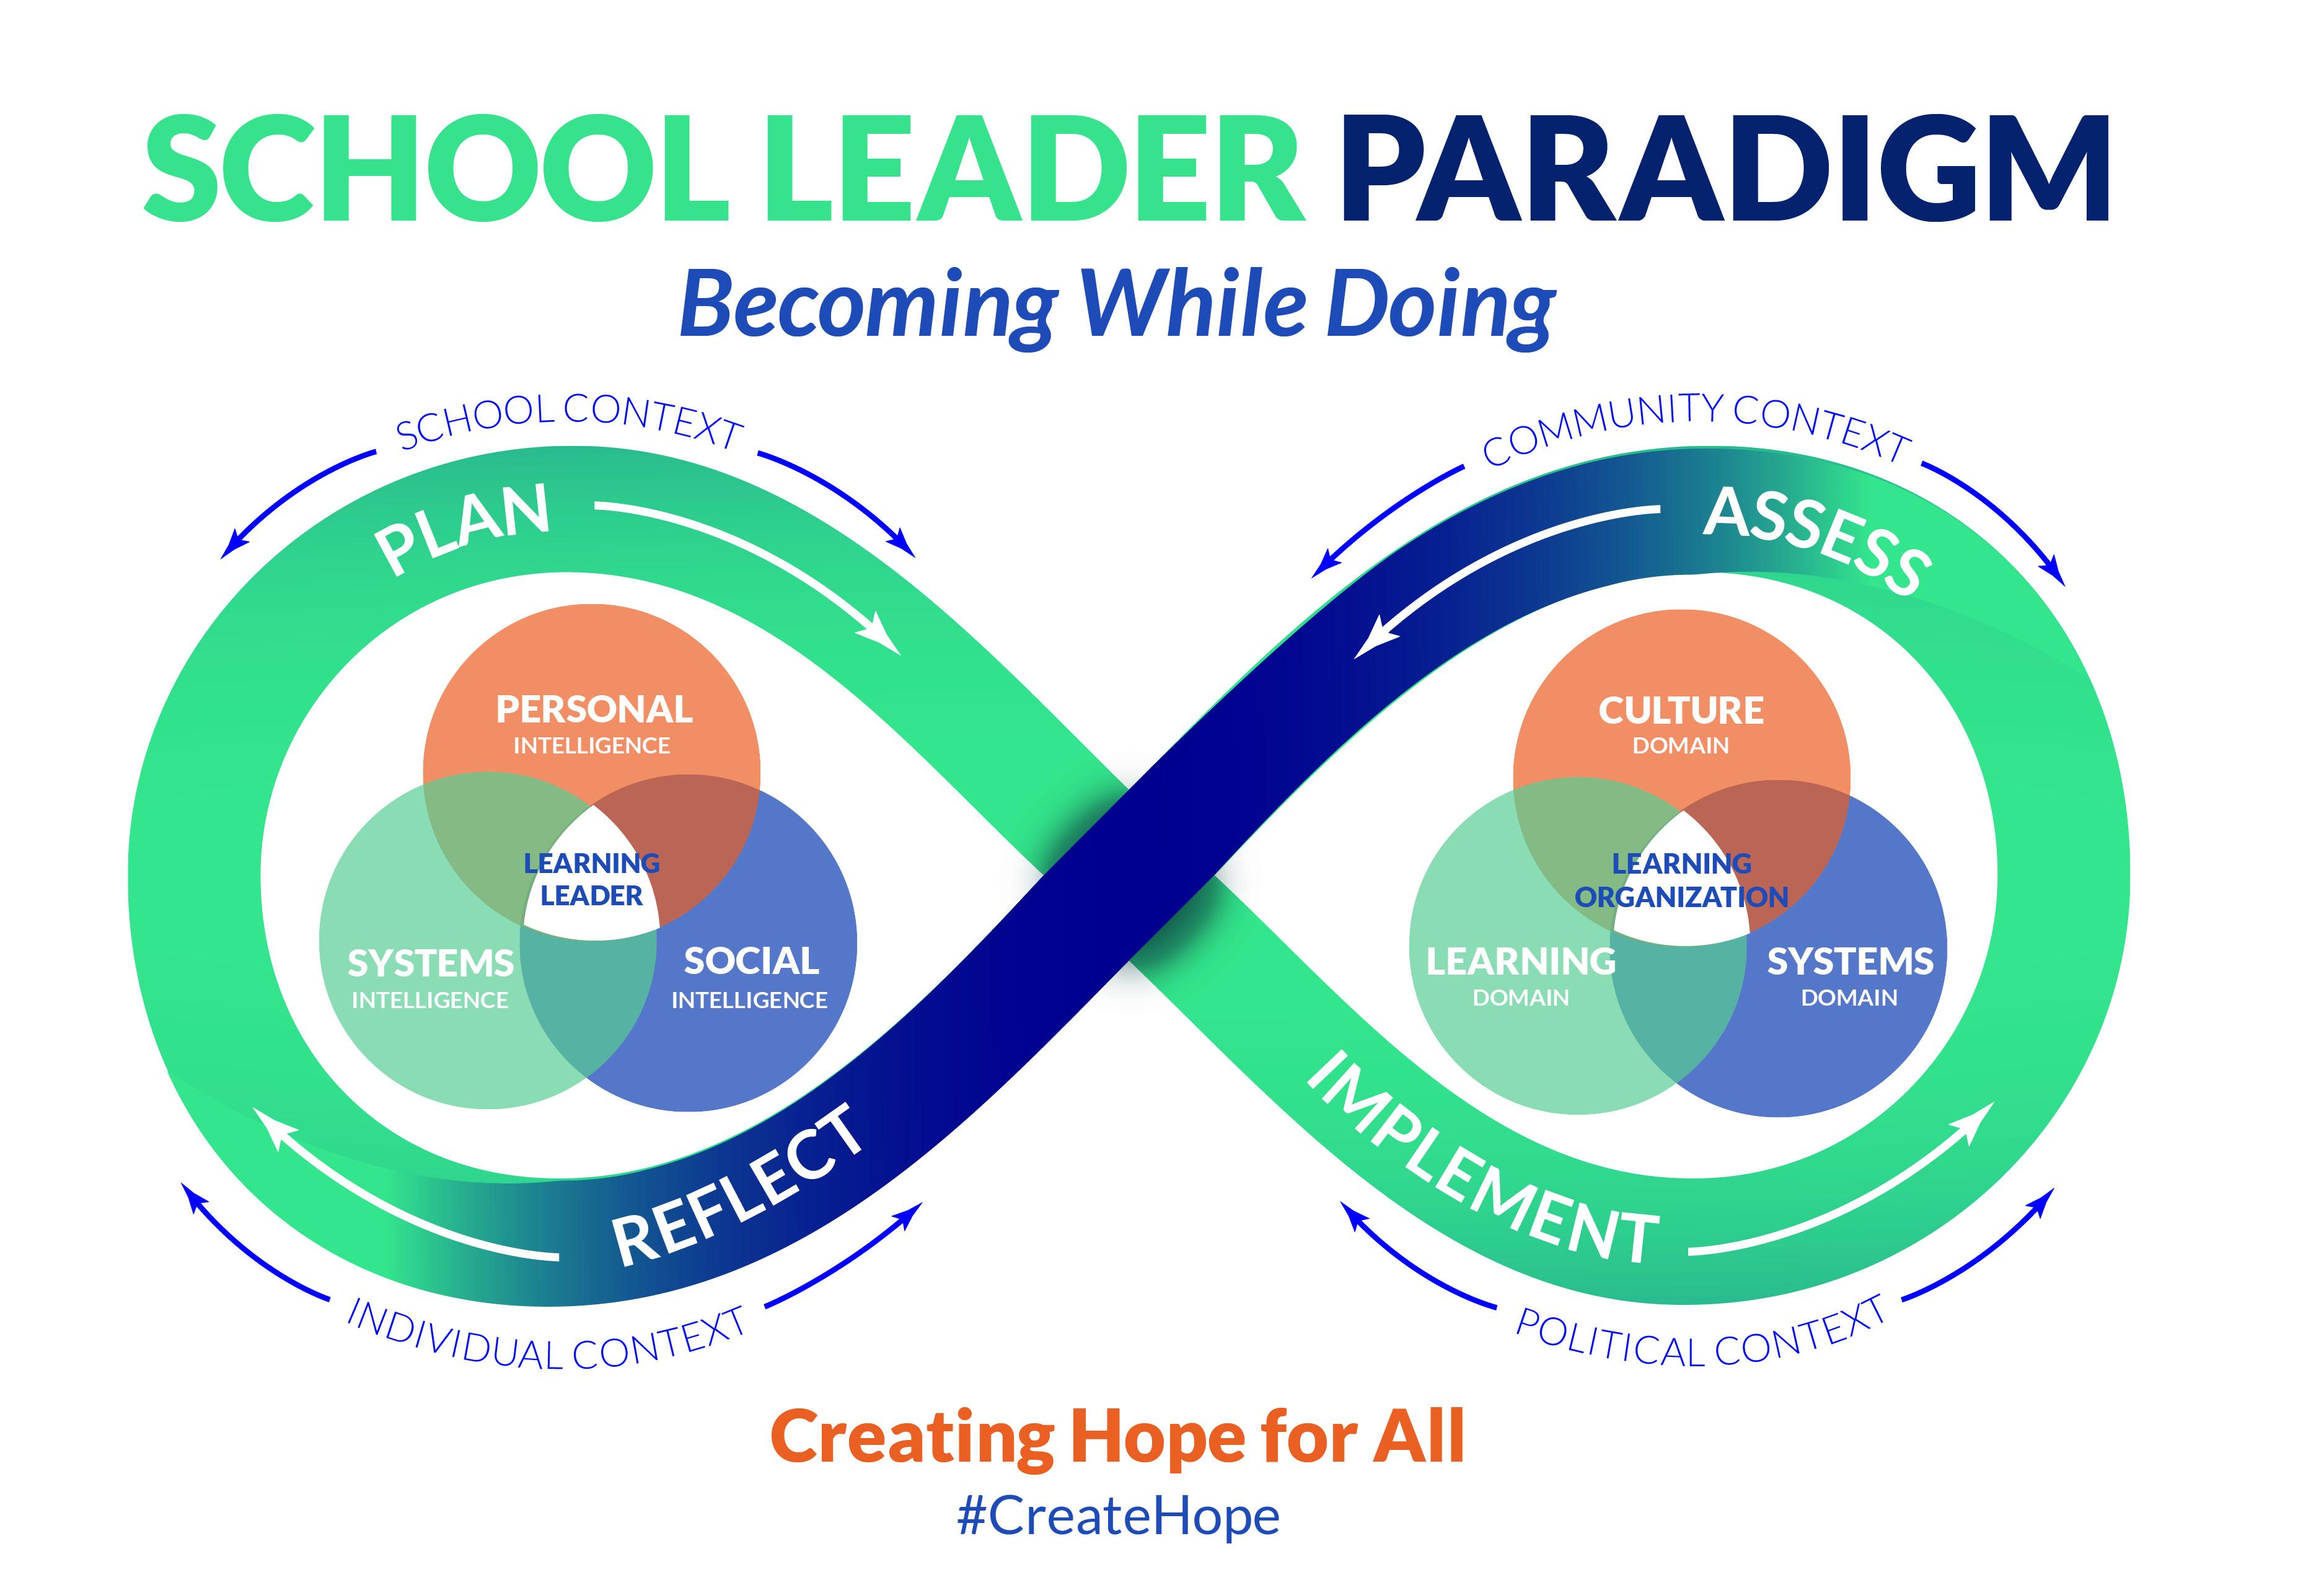 Figure 1:  School Leader Paradigm